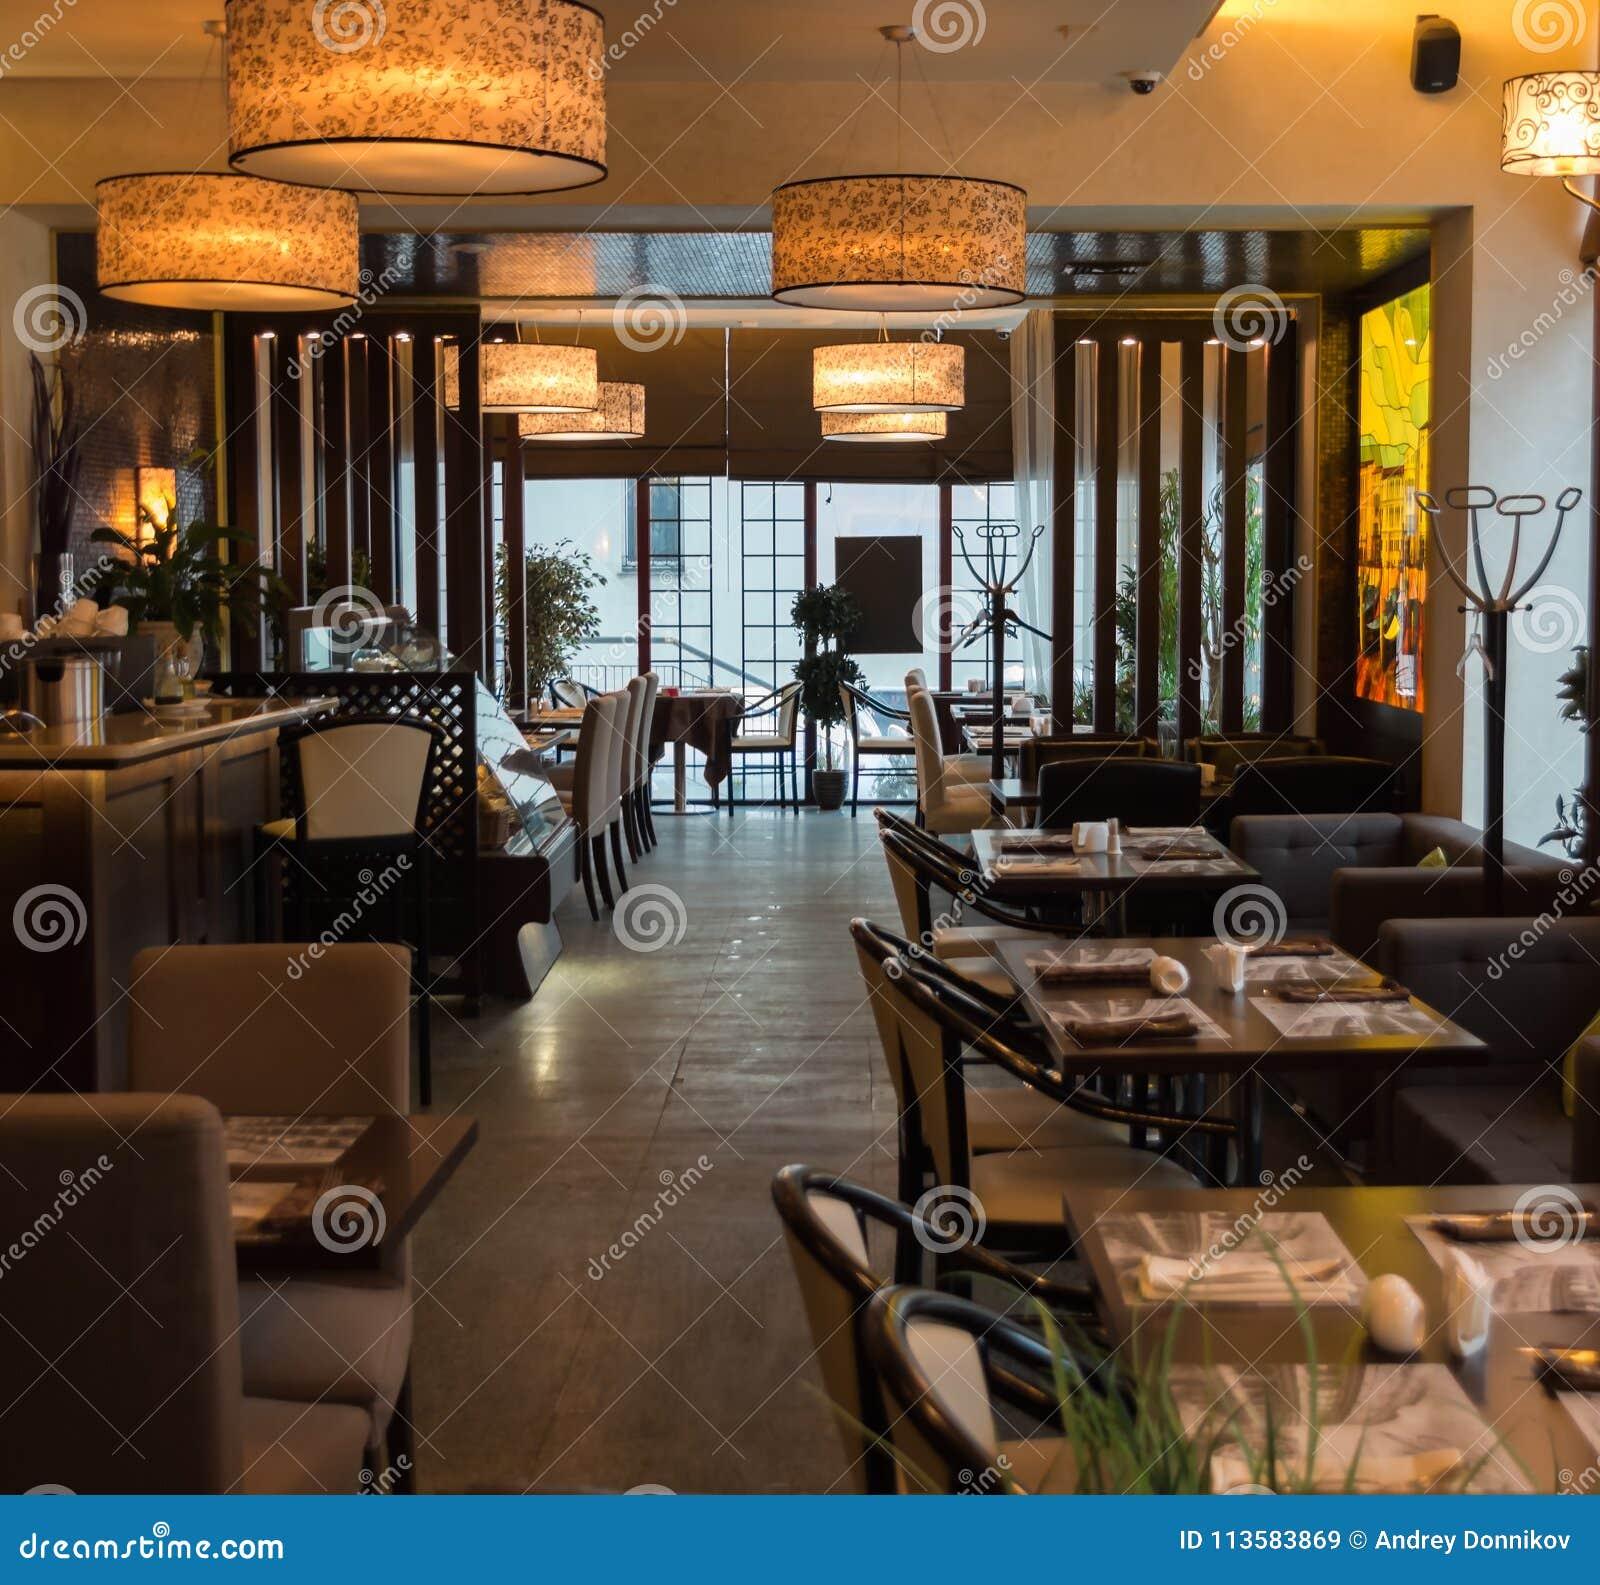 Interior Of Cozy Restaurant. Contemporary Design In Loft